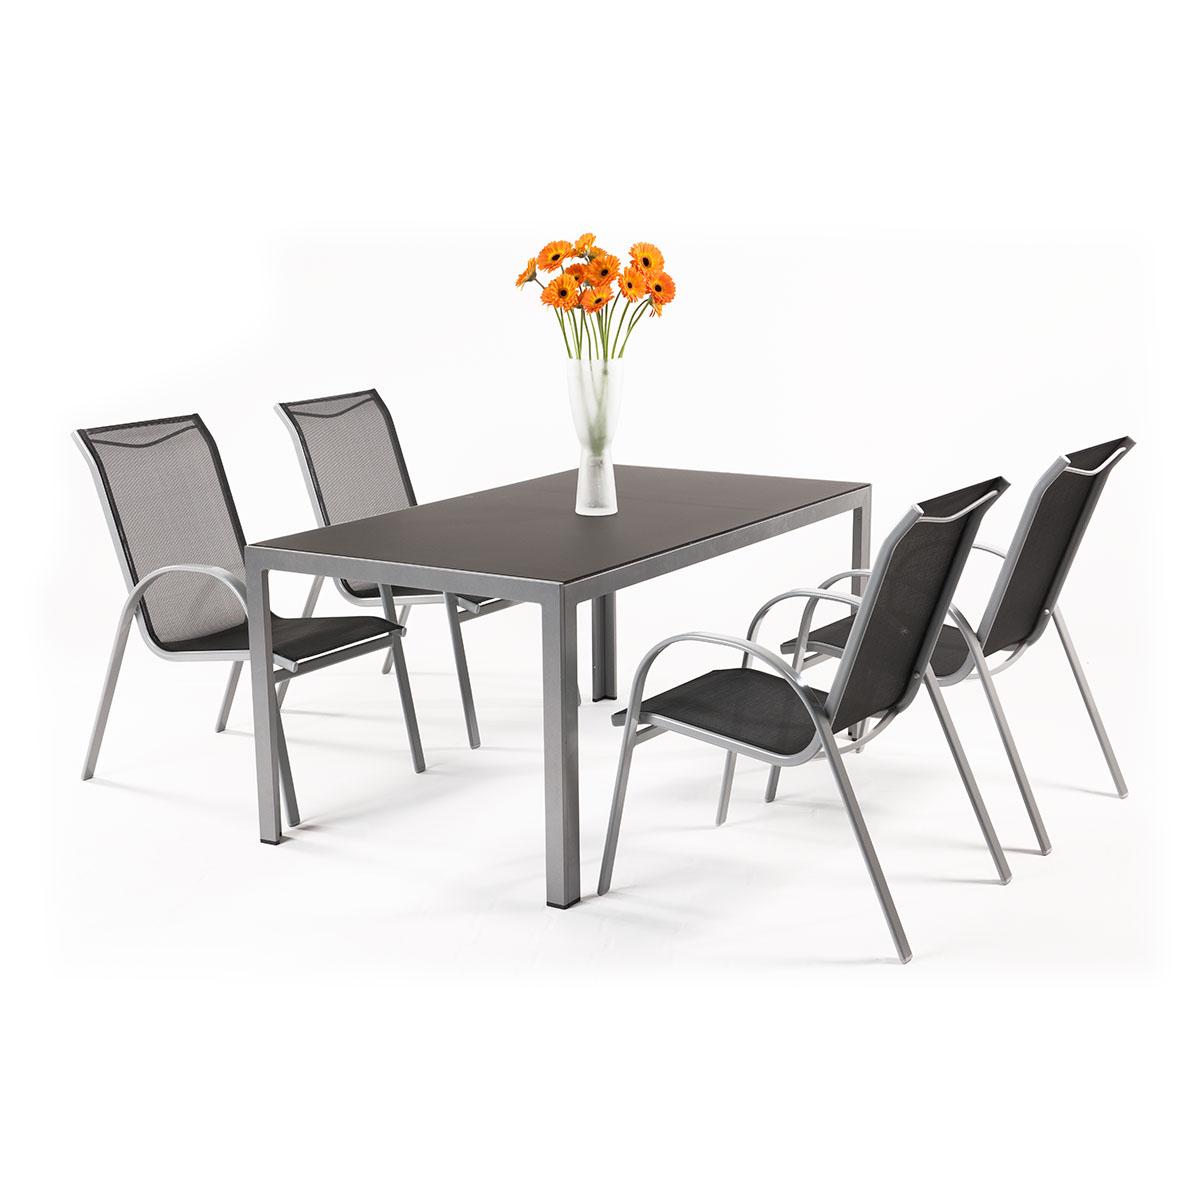 sestava nábytku z hliníku (1x stůl Frankie + 4x židle Vera Basic) Garland Vergio 4+